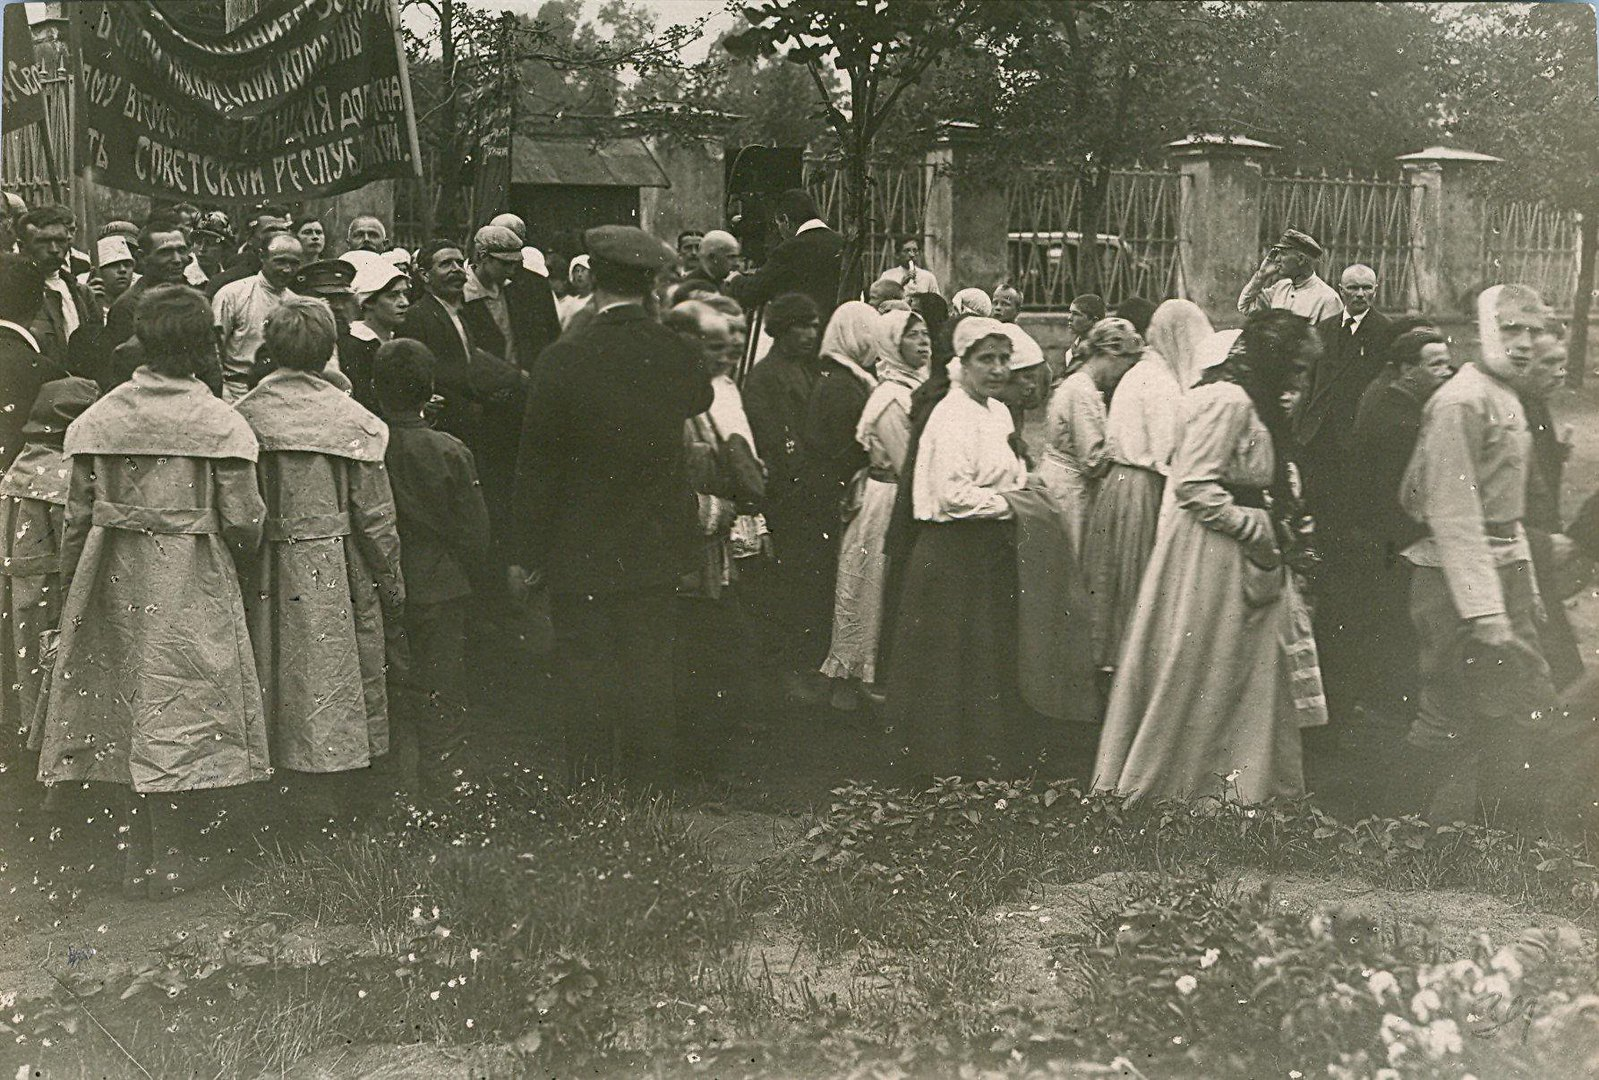 19. 1920. 19 июля. В день торжественного открытия II конгресса Коминтерна у Смольного